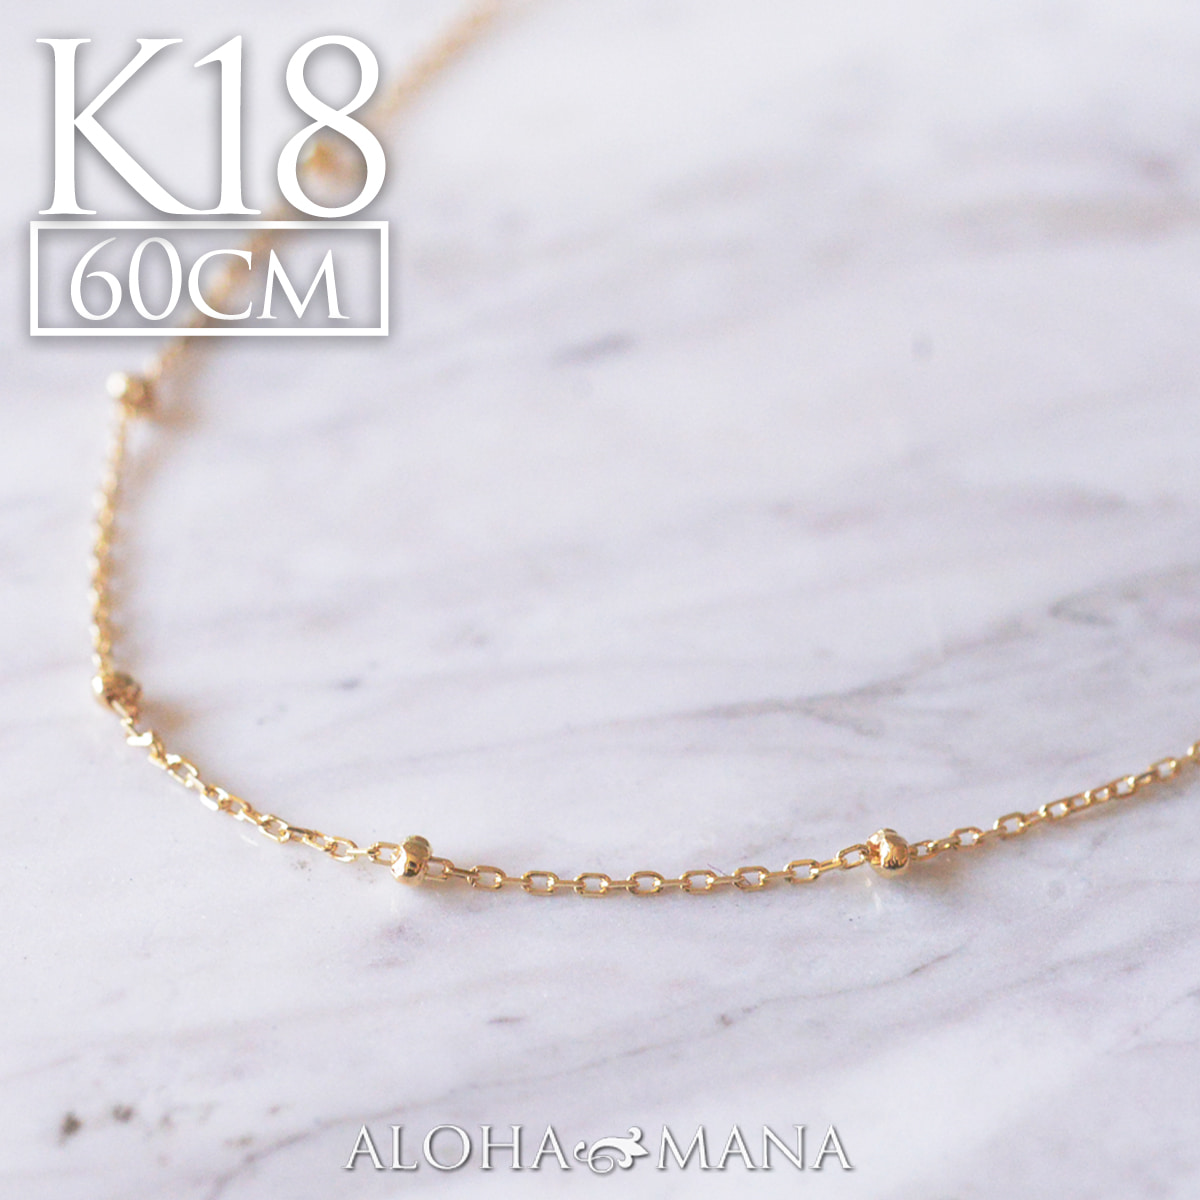 4/2新発売  k18ネックレス K18 イエローゴールド スタッド アズキチェーン 幅1.7mm チェーン 60cm/ プレゼント ギフト gold necklace ach1663c60